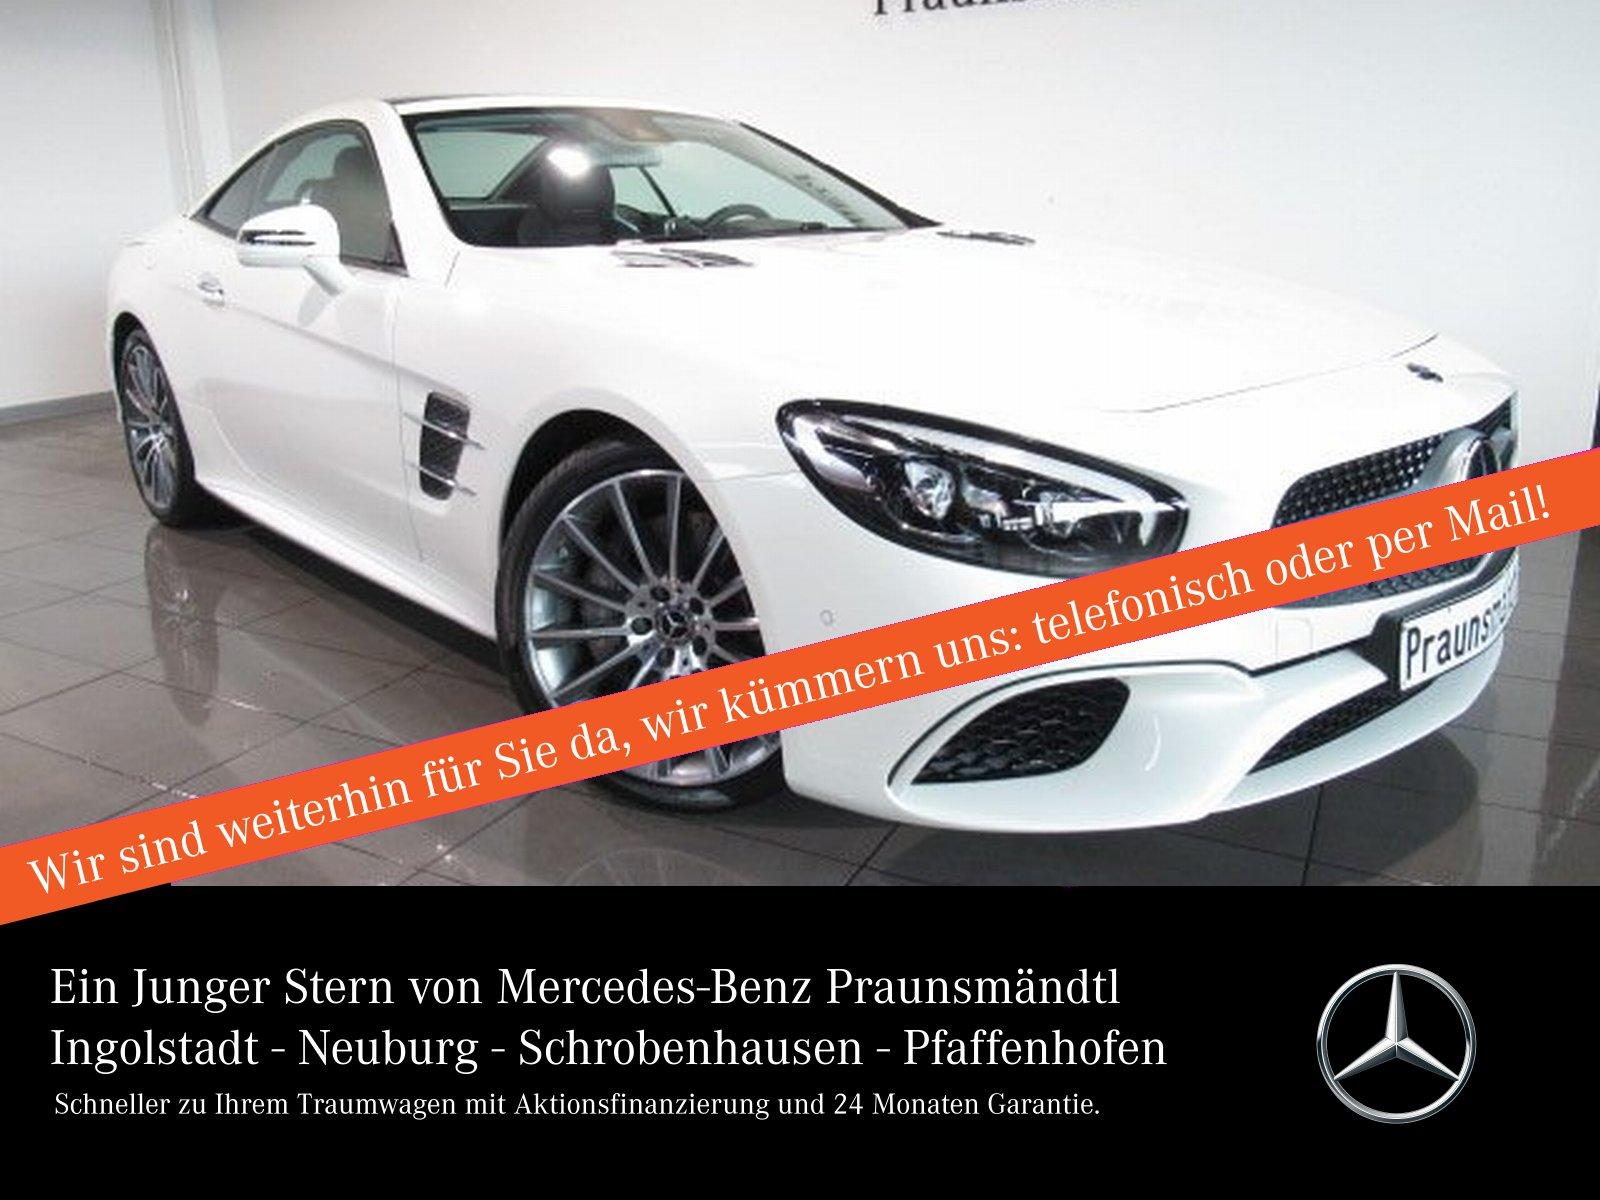 Mercedes-Benz SL 500 AMG -38% DAB/MAGIC SKY/ABC/AIRSCARF/Sound, Jahr 2018, Benzin